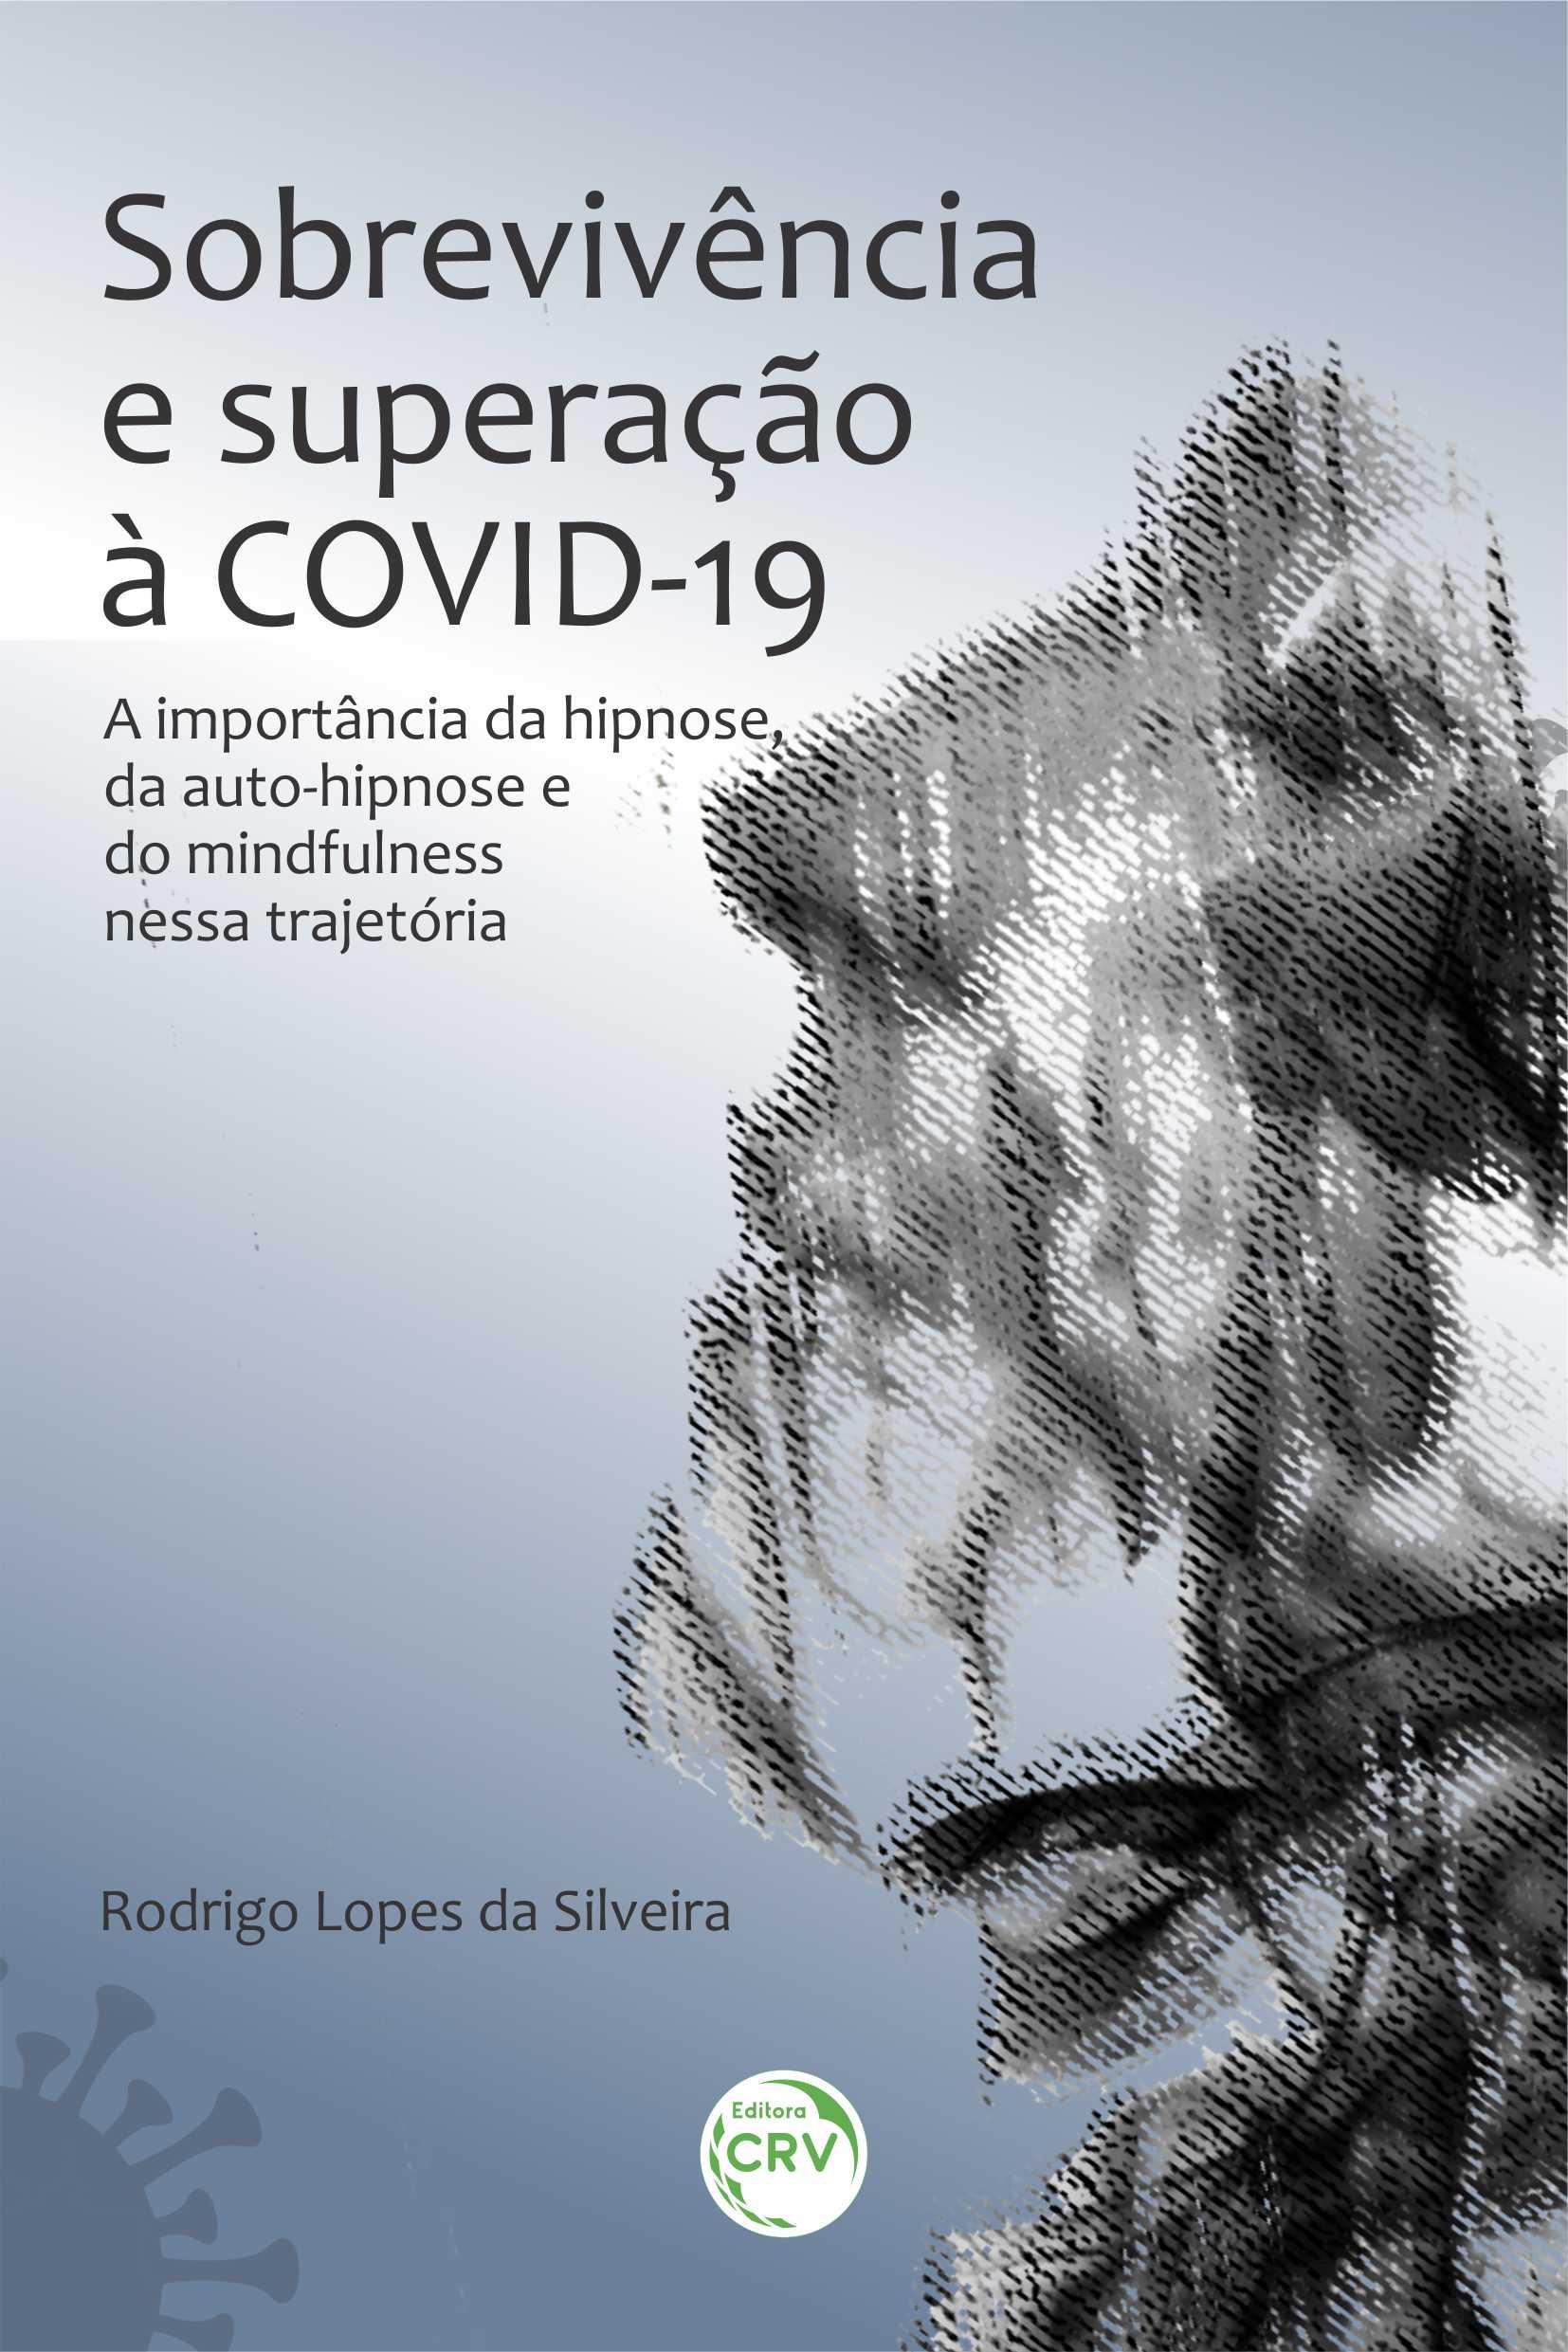 Capa do livro: SOBREVIVÊNCIA E SUPERAÇÃO À COVID-19: <BR>a importância da hipnose, da auto-hipnose e do mindfulness nessa trajetória